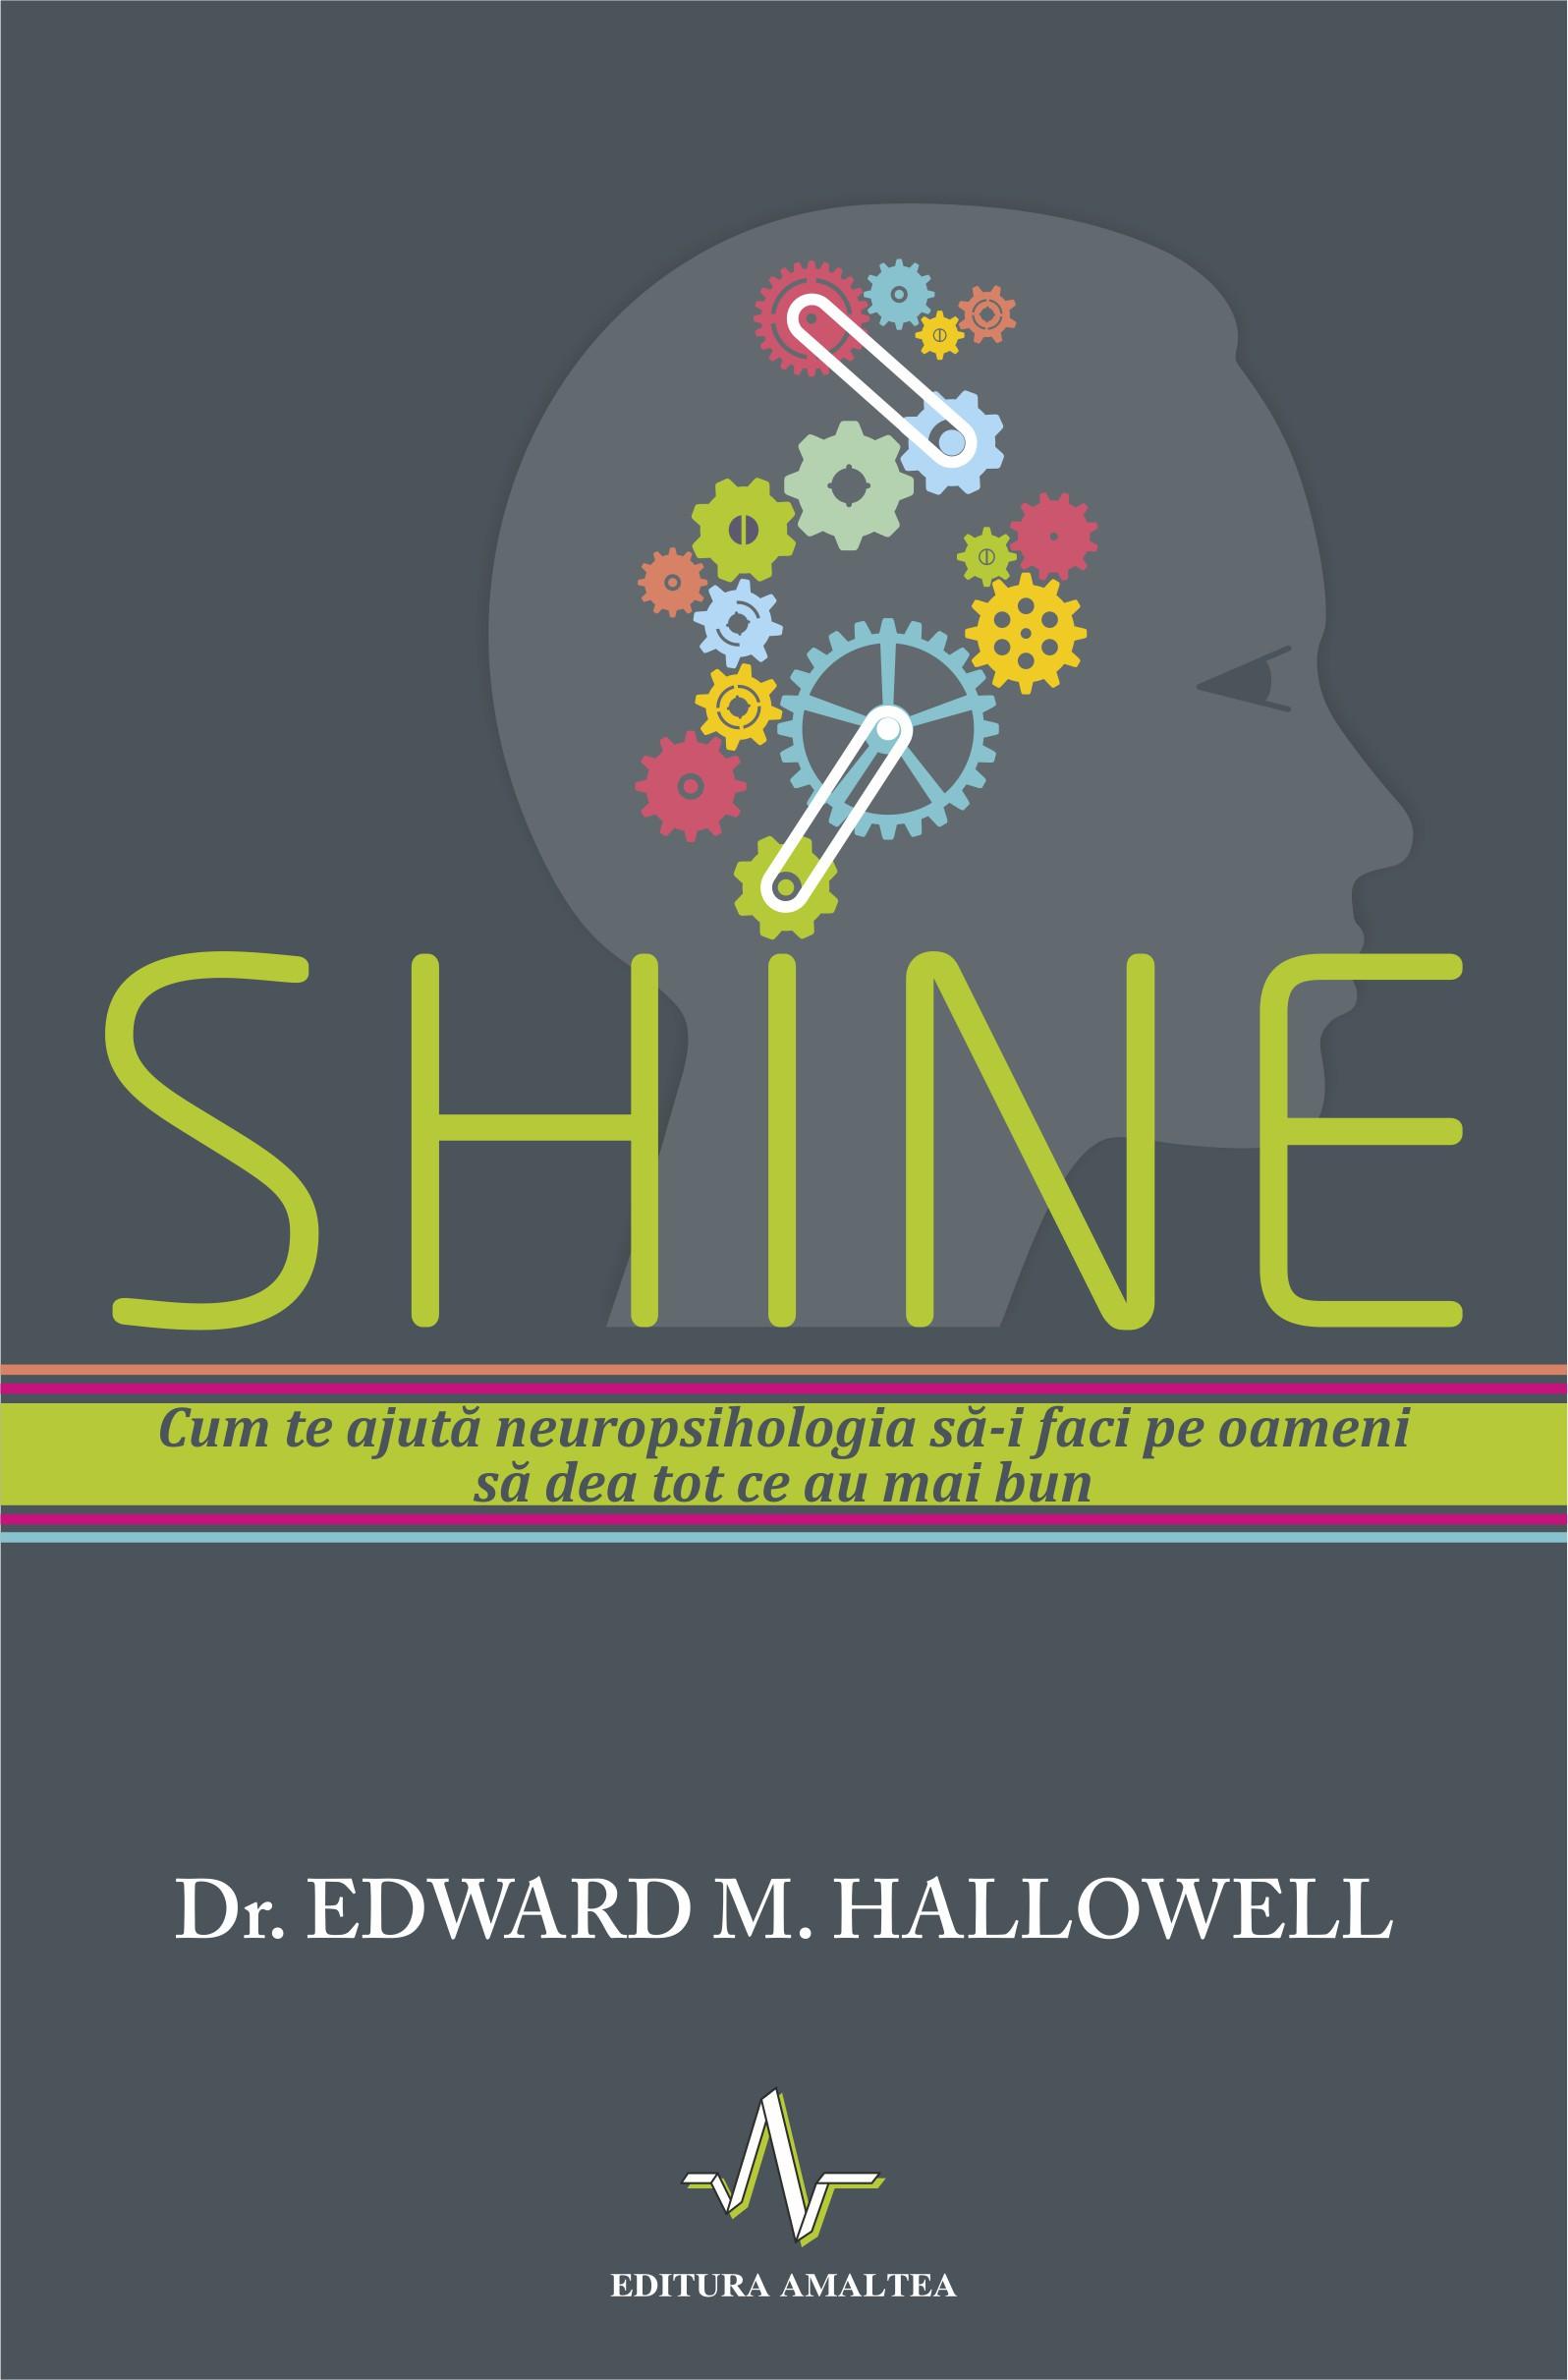 Shine - Edward M. Hallowell - Cum Te Ajuta Neuropsihologi Sa-i Faci Pe Oameni Sa Dea Tot Ce Au Mai Bun